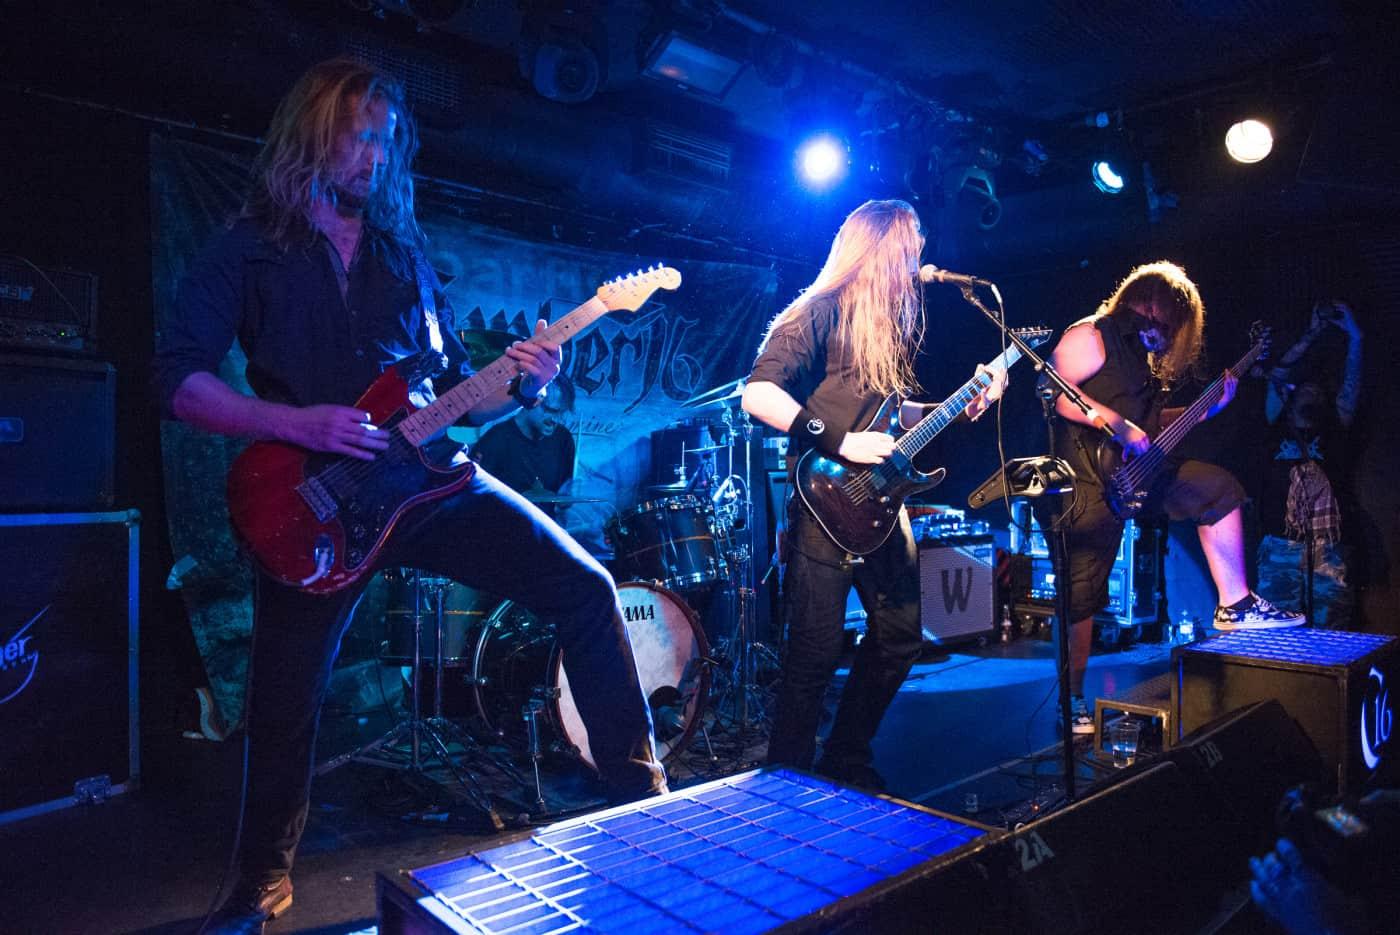 Camden Rocks Presents:  Cypher16 @ The Barfly, Camden